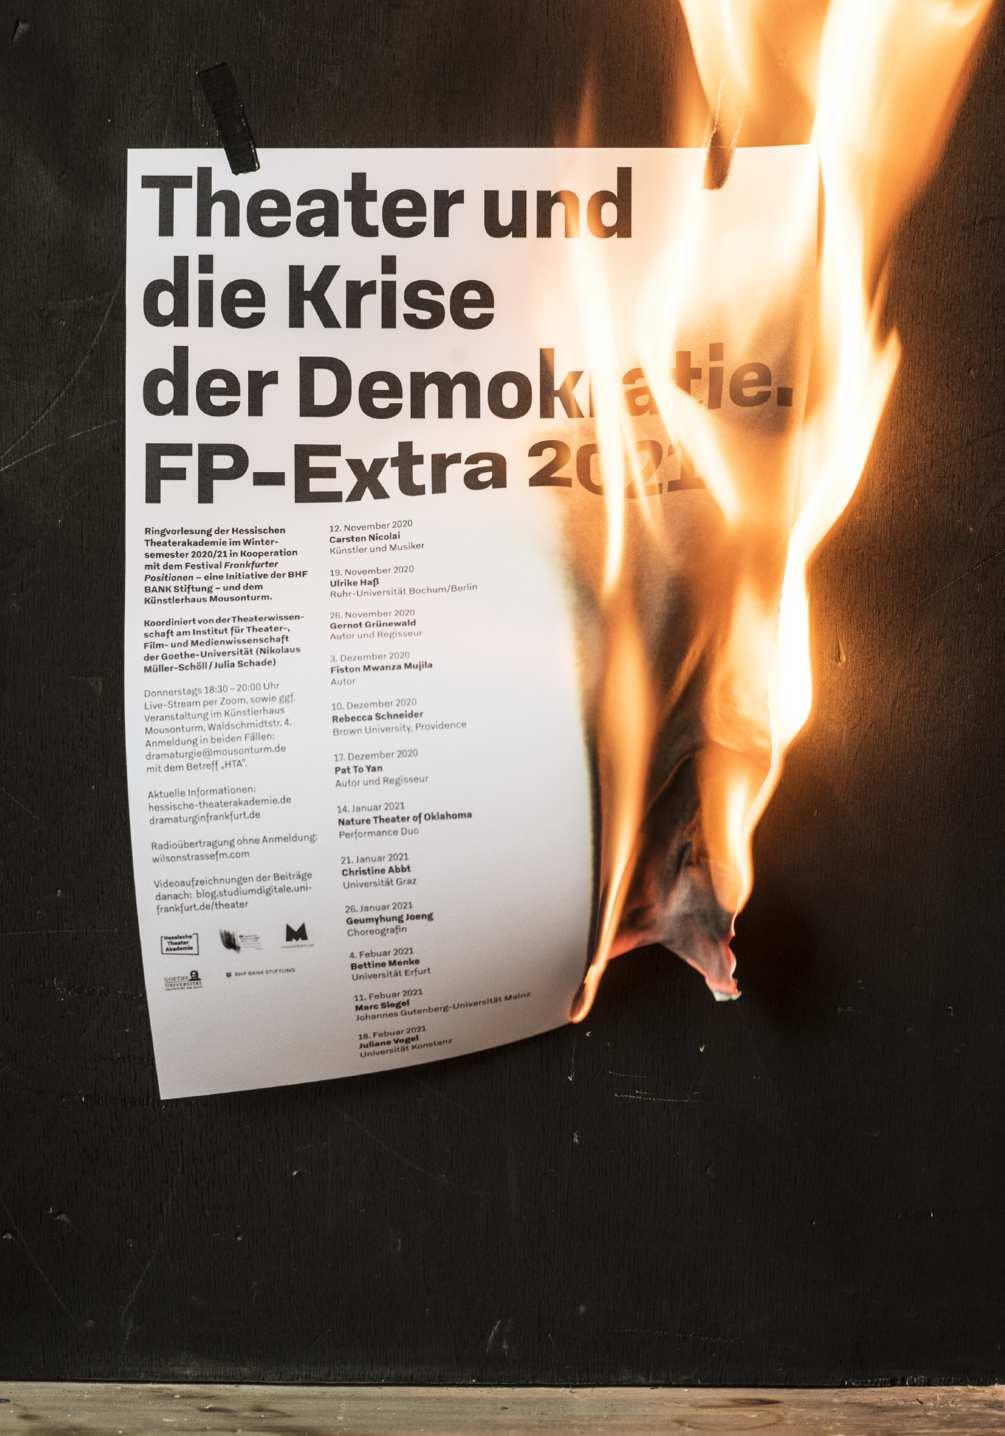 krise-der-demokratie-photo-05-1005x1436px